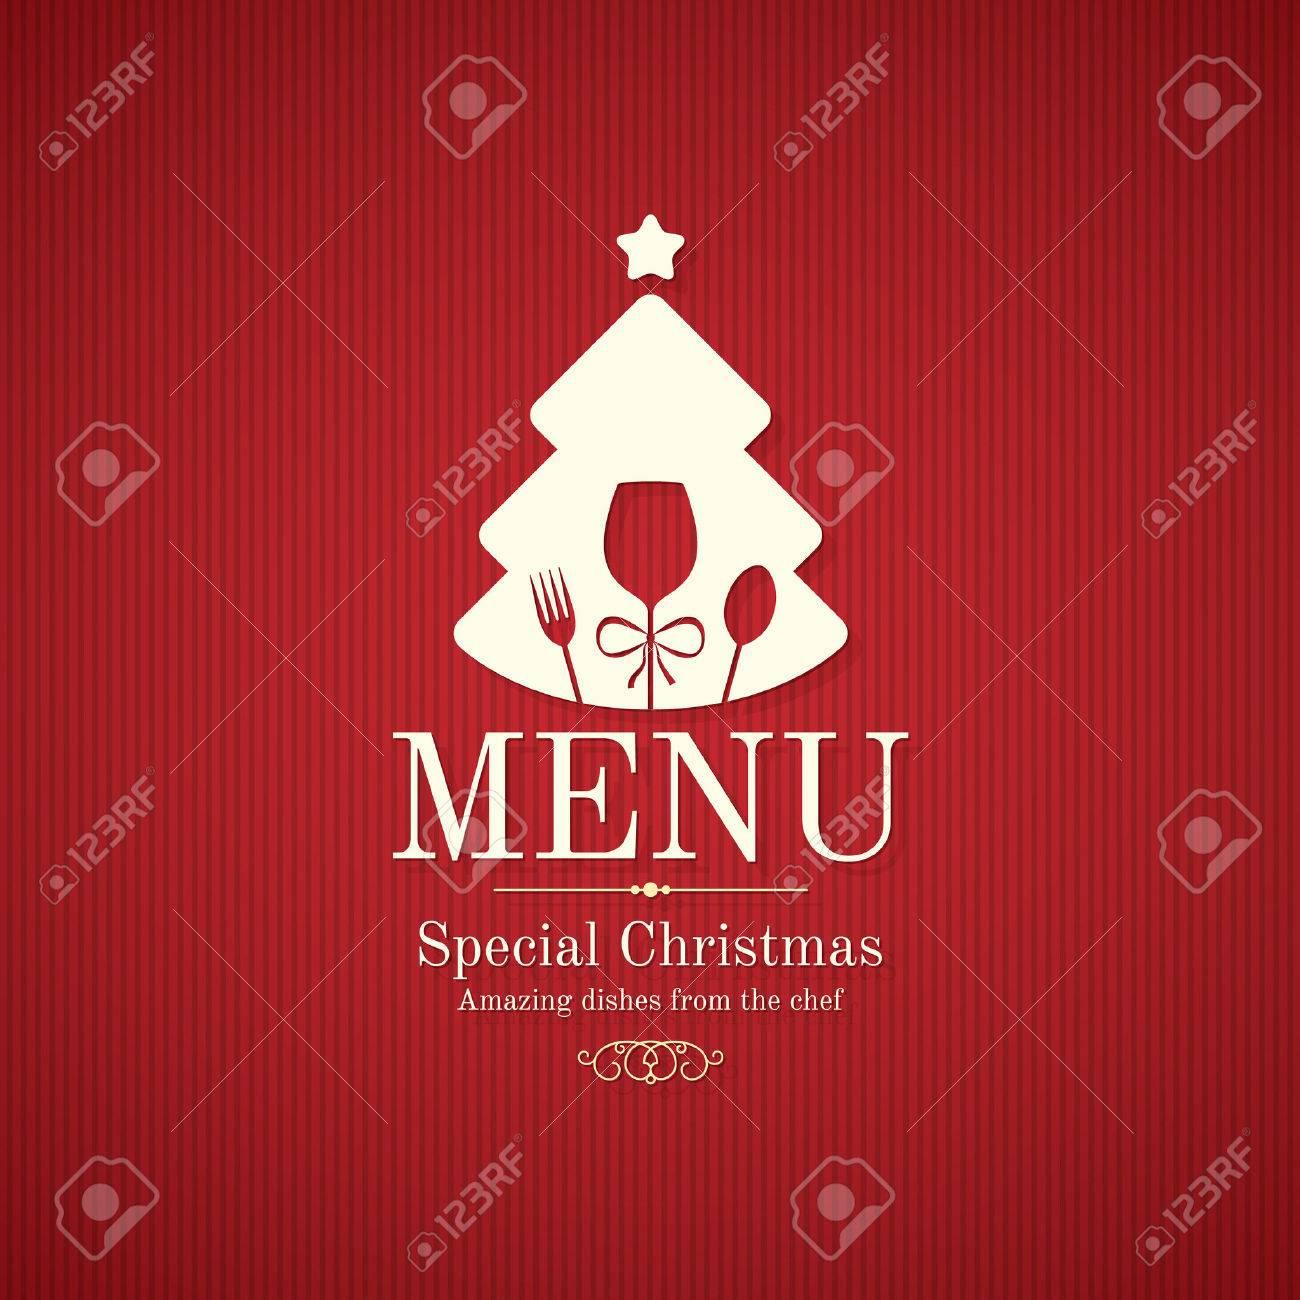 Special Christmas festive menu design - 46607708